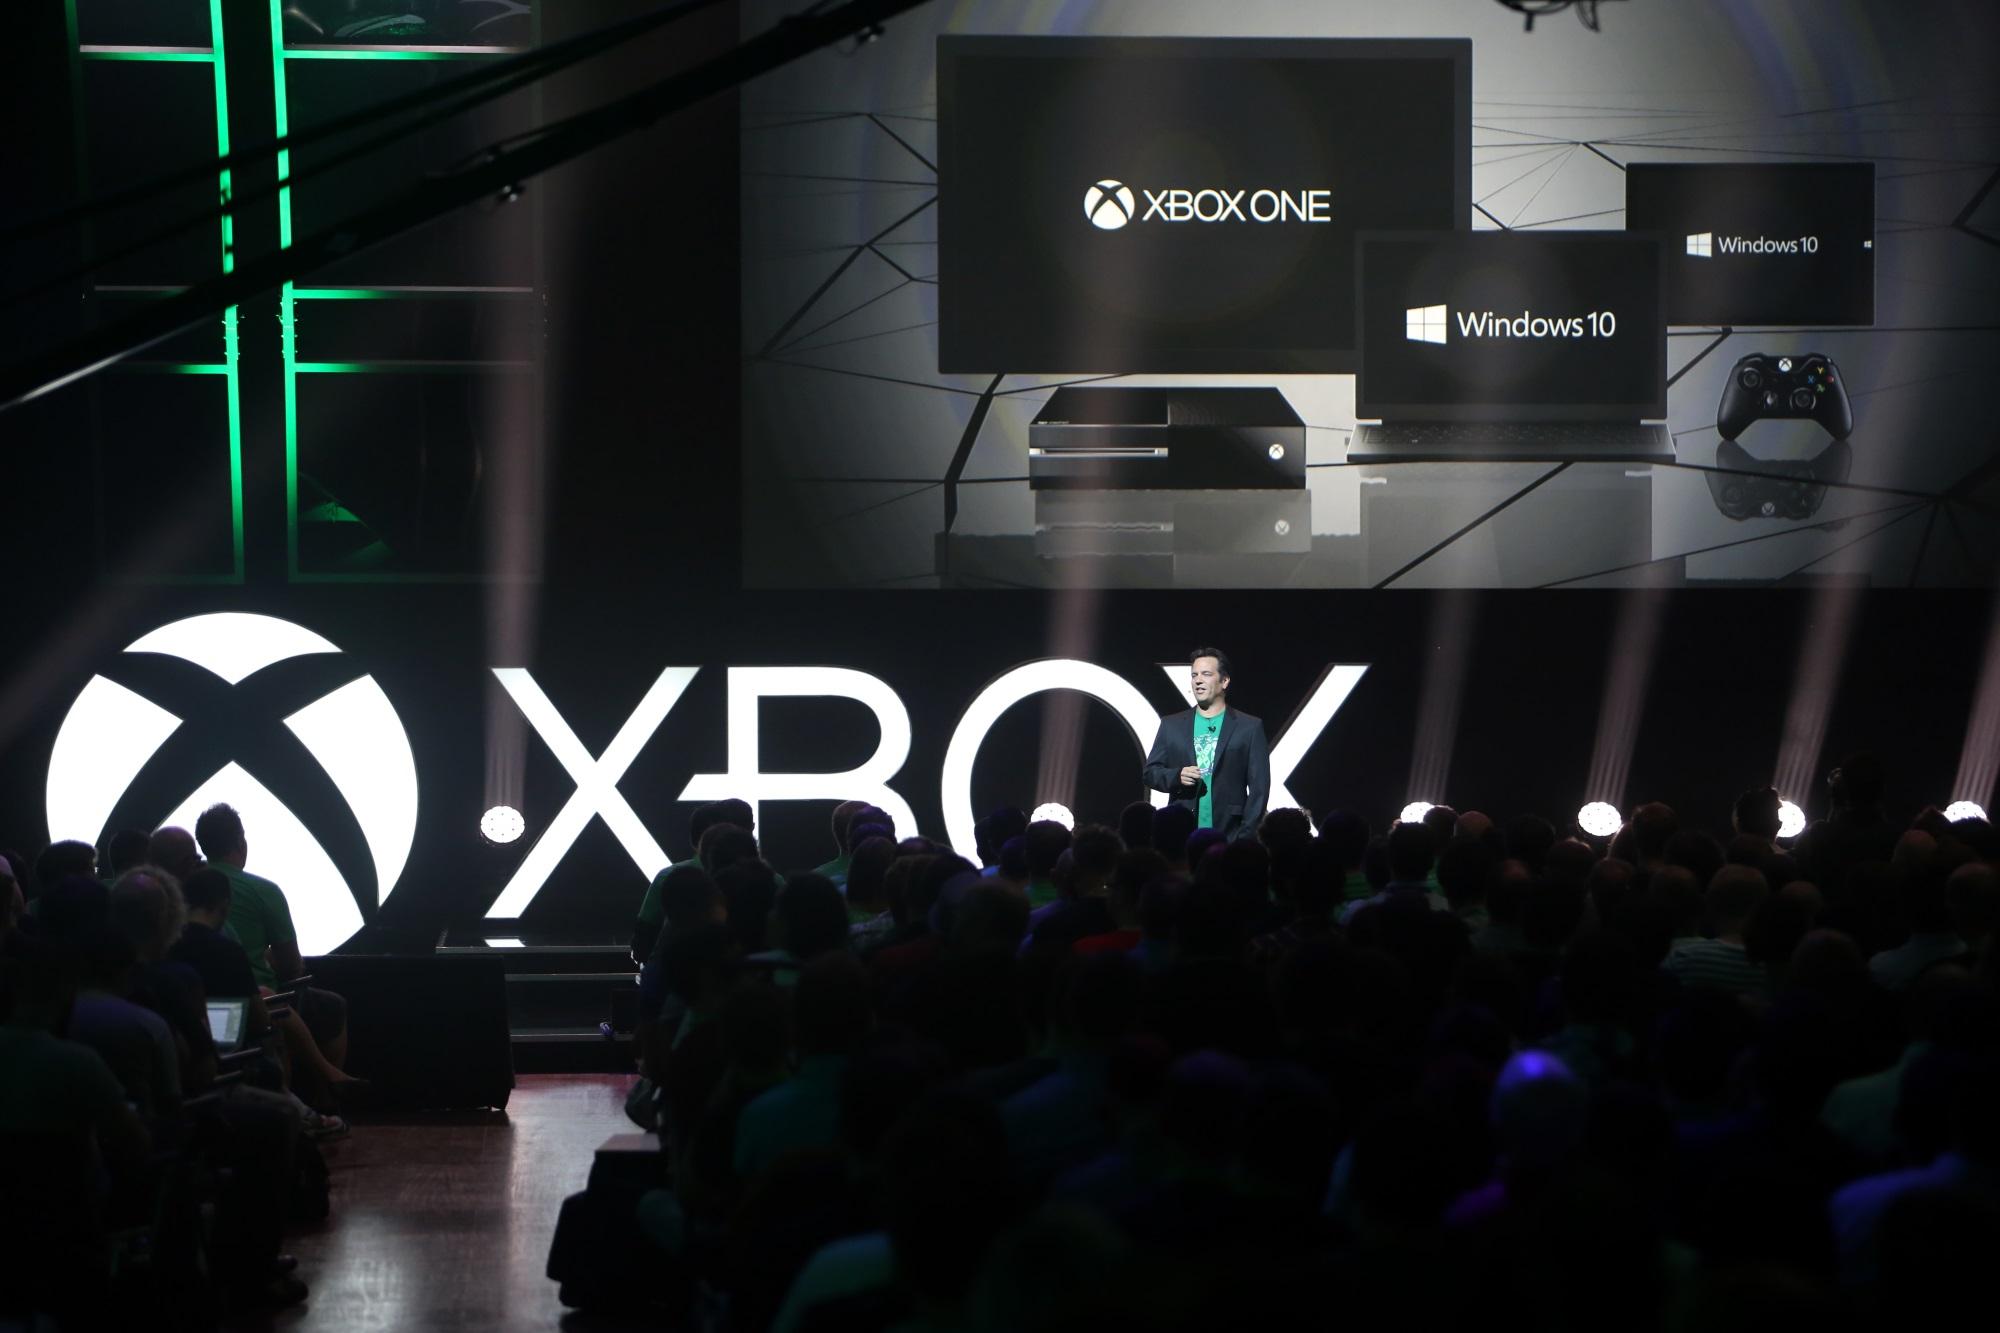 Windows 10 promete ser a melhor versão do sistema para games